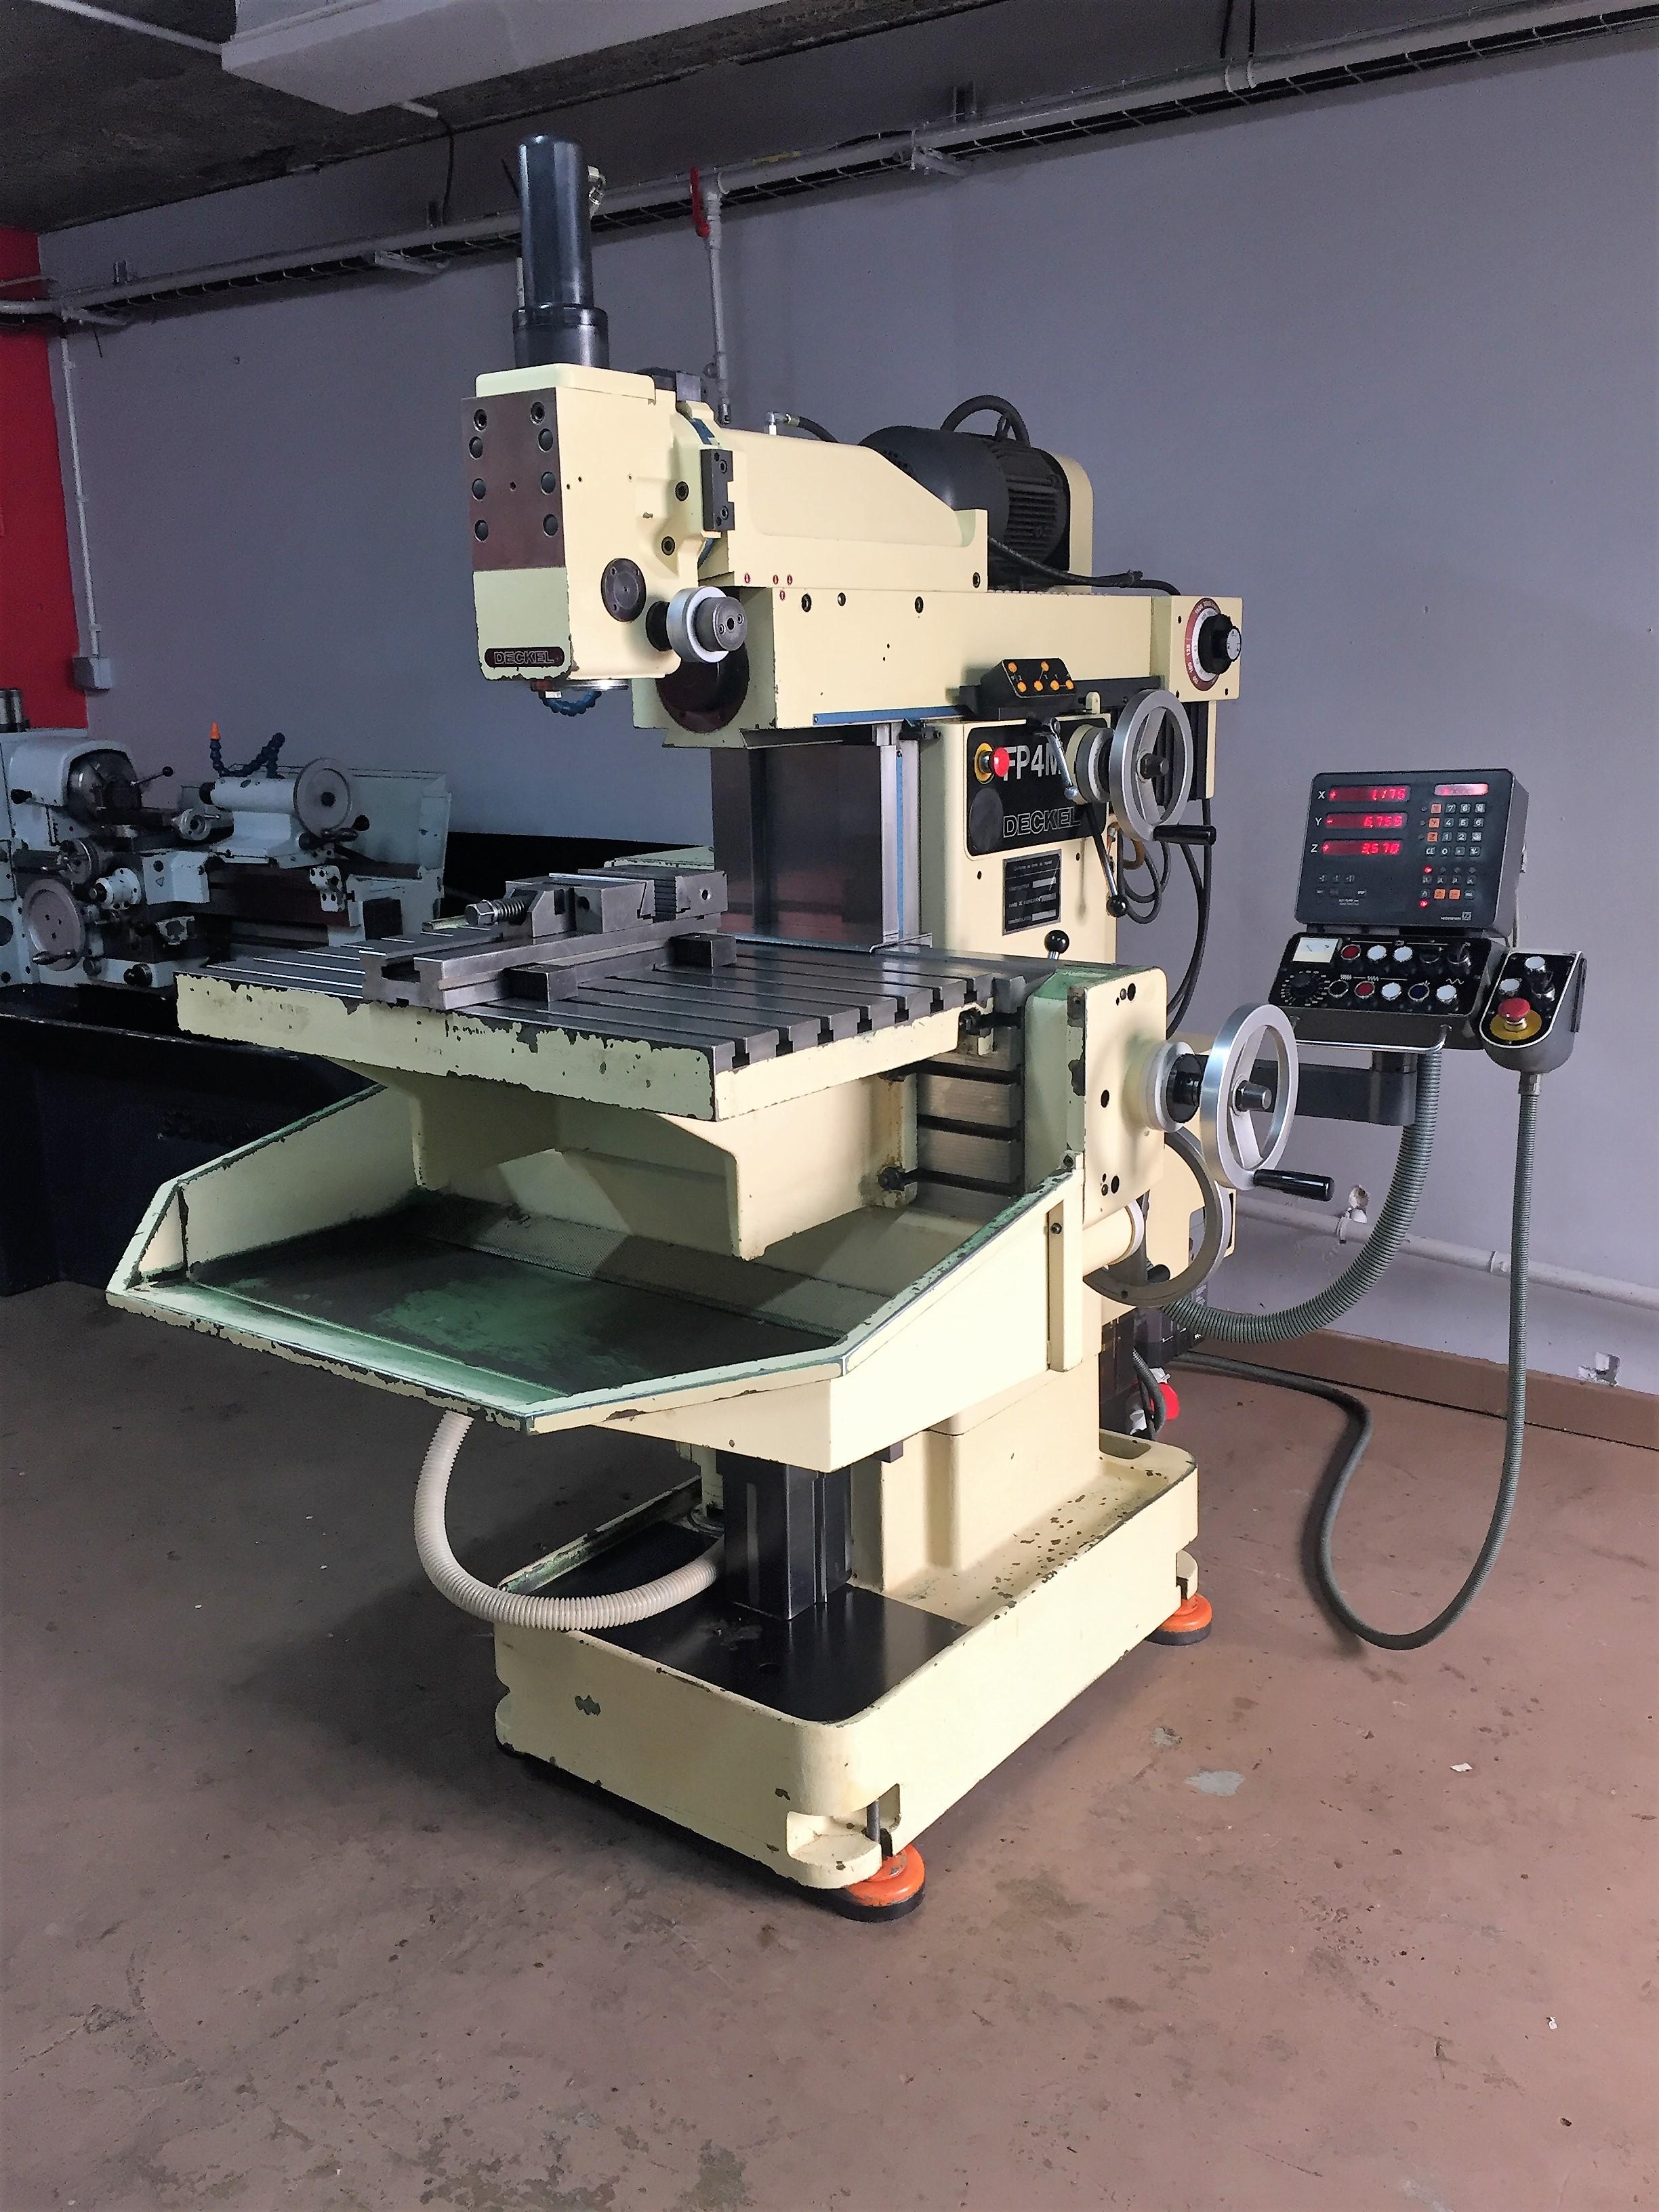 Deckel FP4MK universal milling machine - Exapro